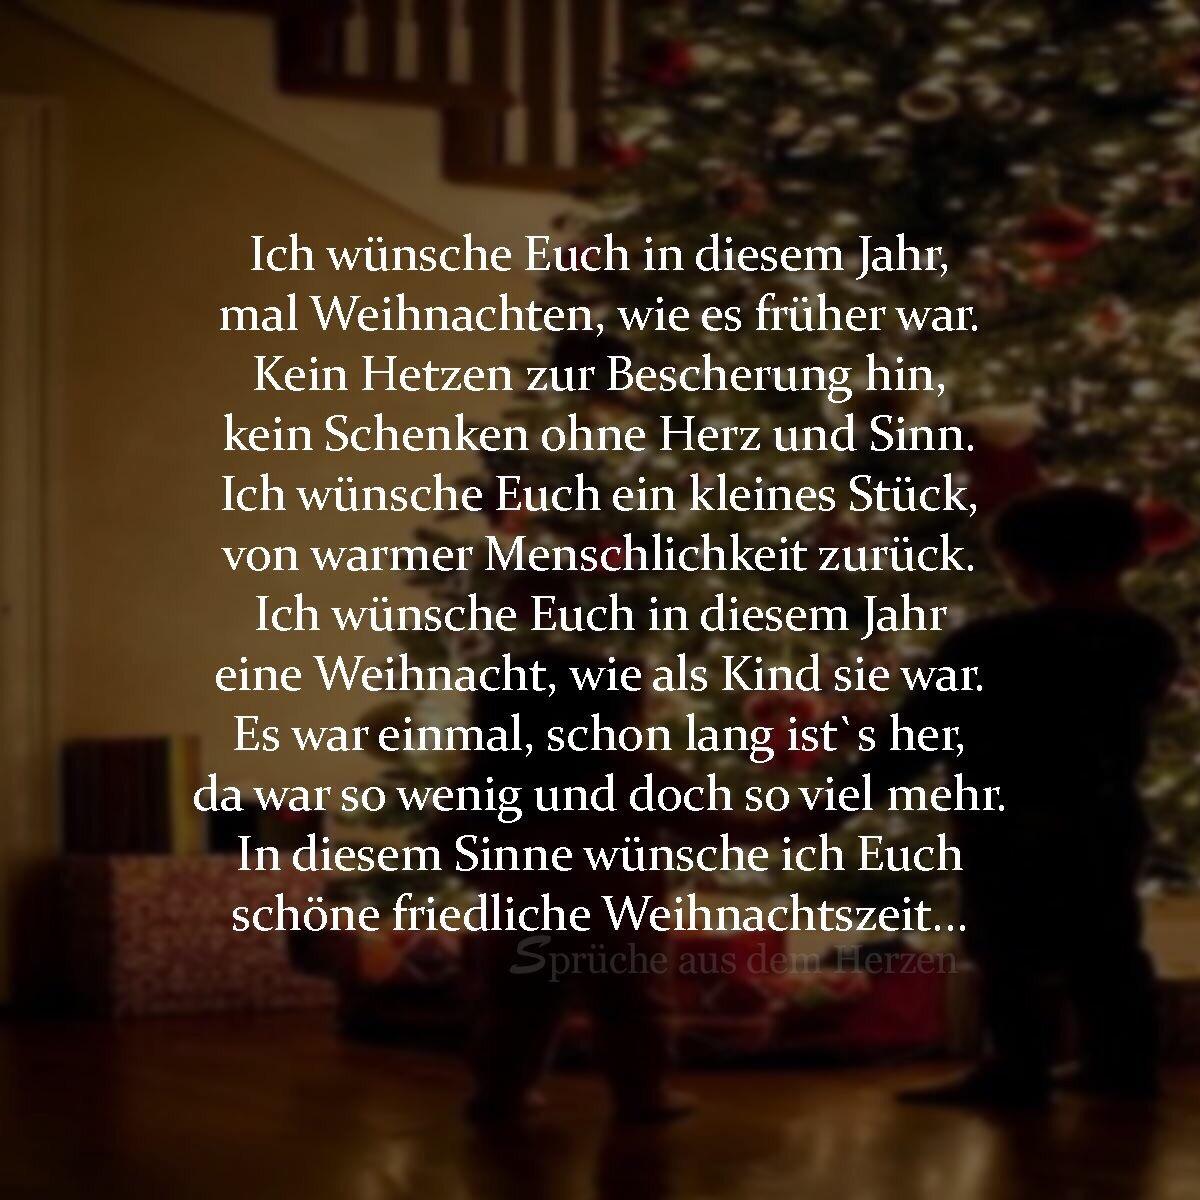 Ich Wünsche Euch Frohe Weihnachten Und Ein Gutes Neues Jahr.Frohe Weihnachten Und Einen Guten Rutsch Ins Neue Jahr Ridgeback